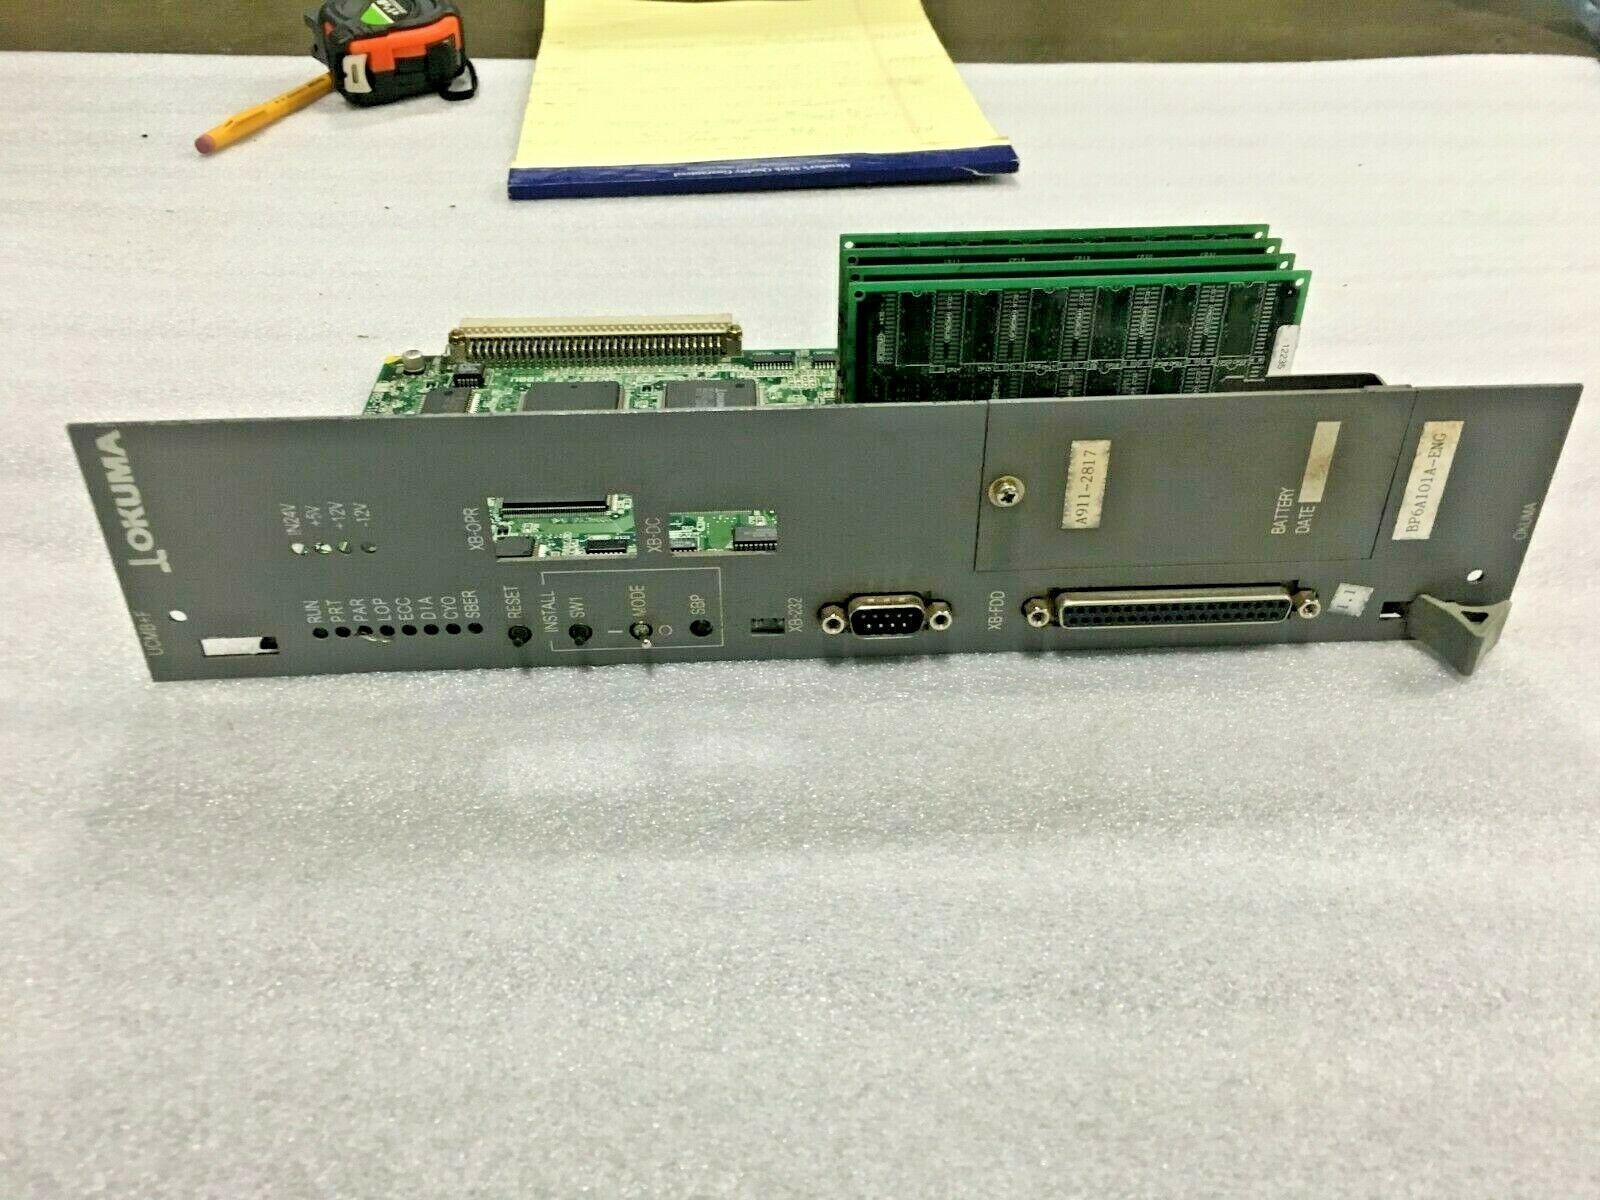 OKUMA A911-2801 OPUS7000 Universal Compact Maim Board, Okuma OPUS7000 UCMB+F, 1911-2801-12-54, E4809-770-110-F